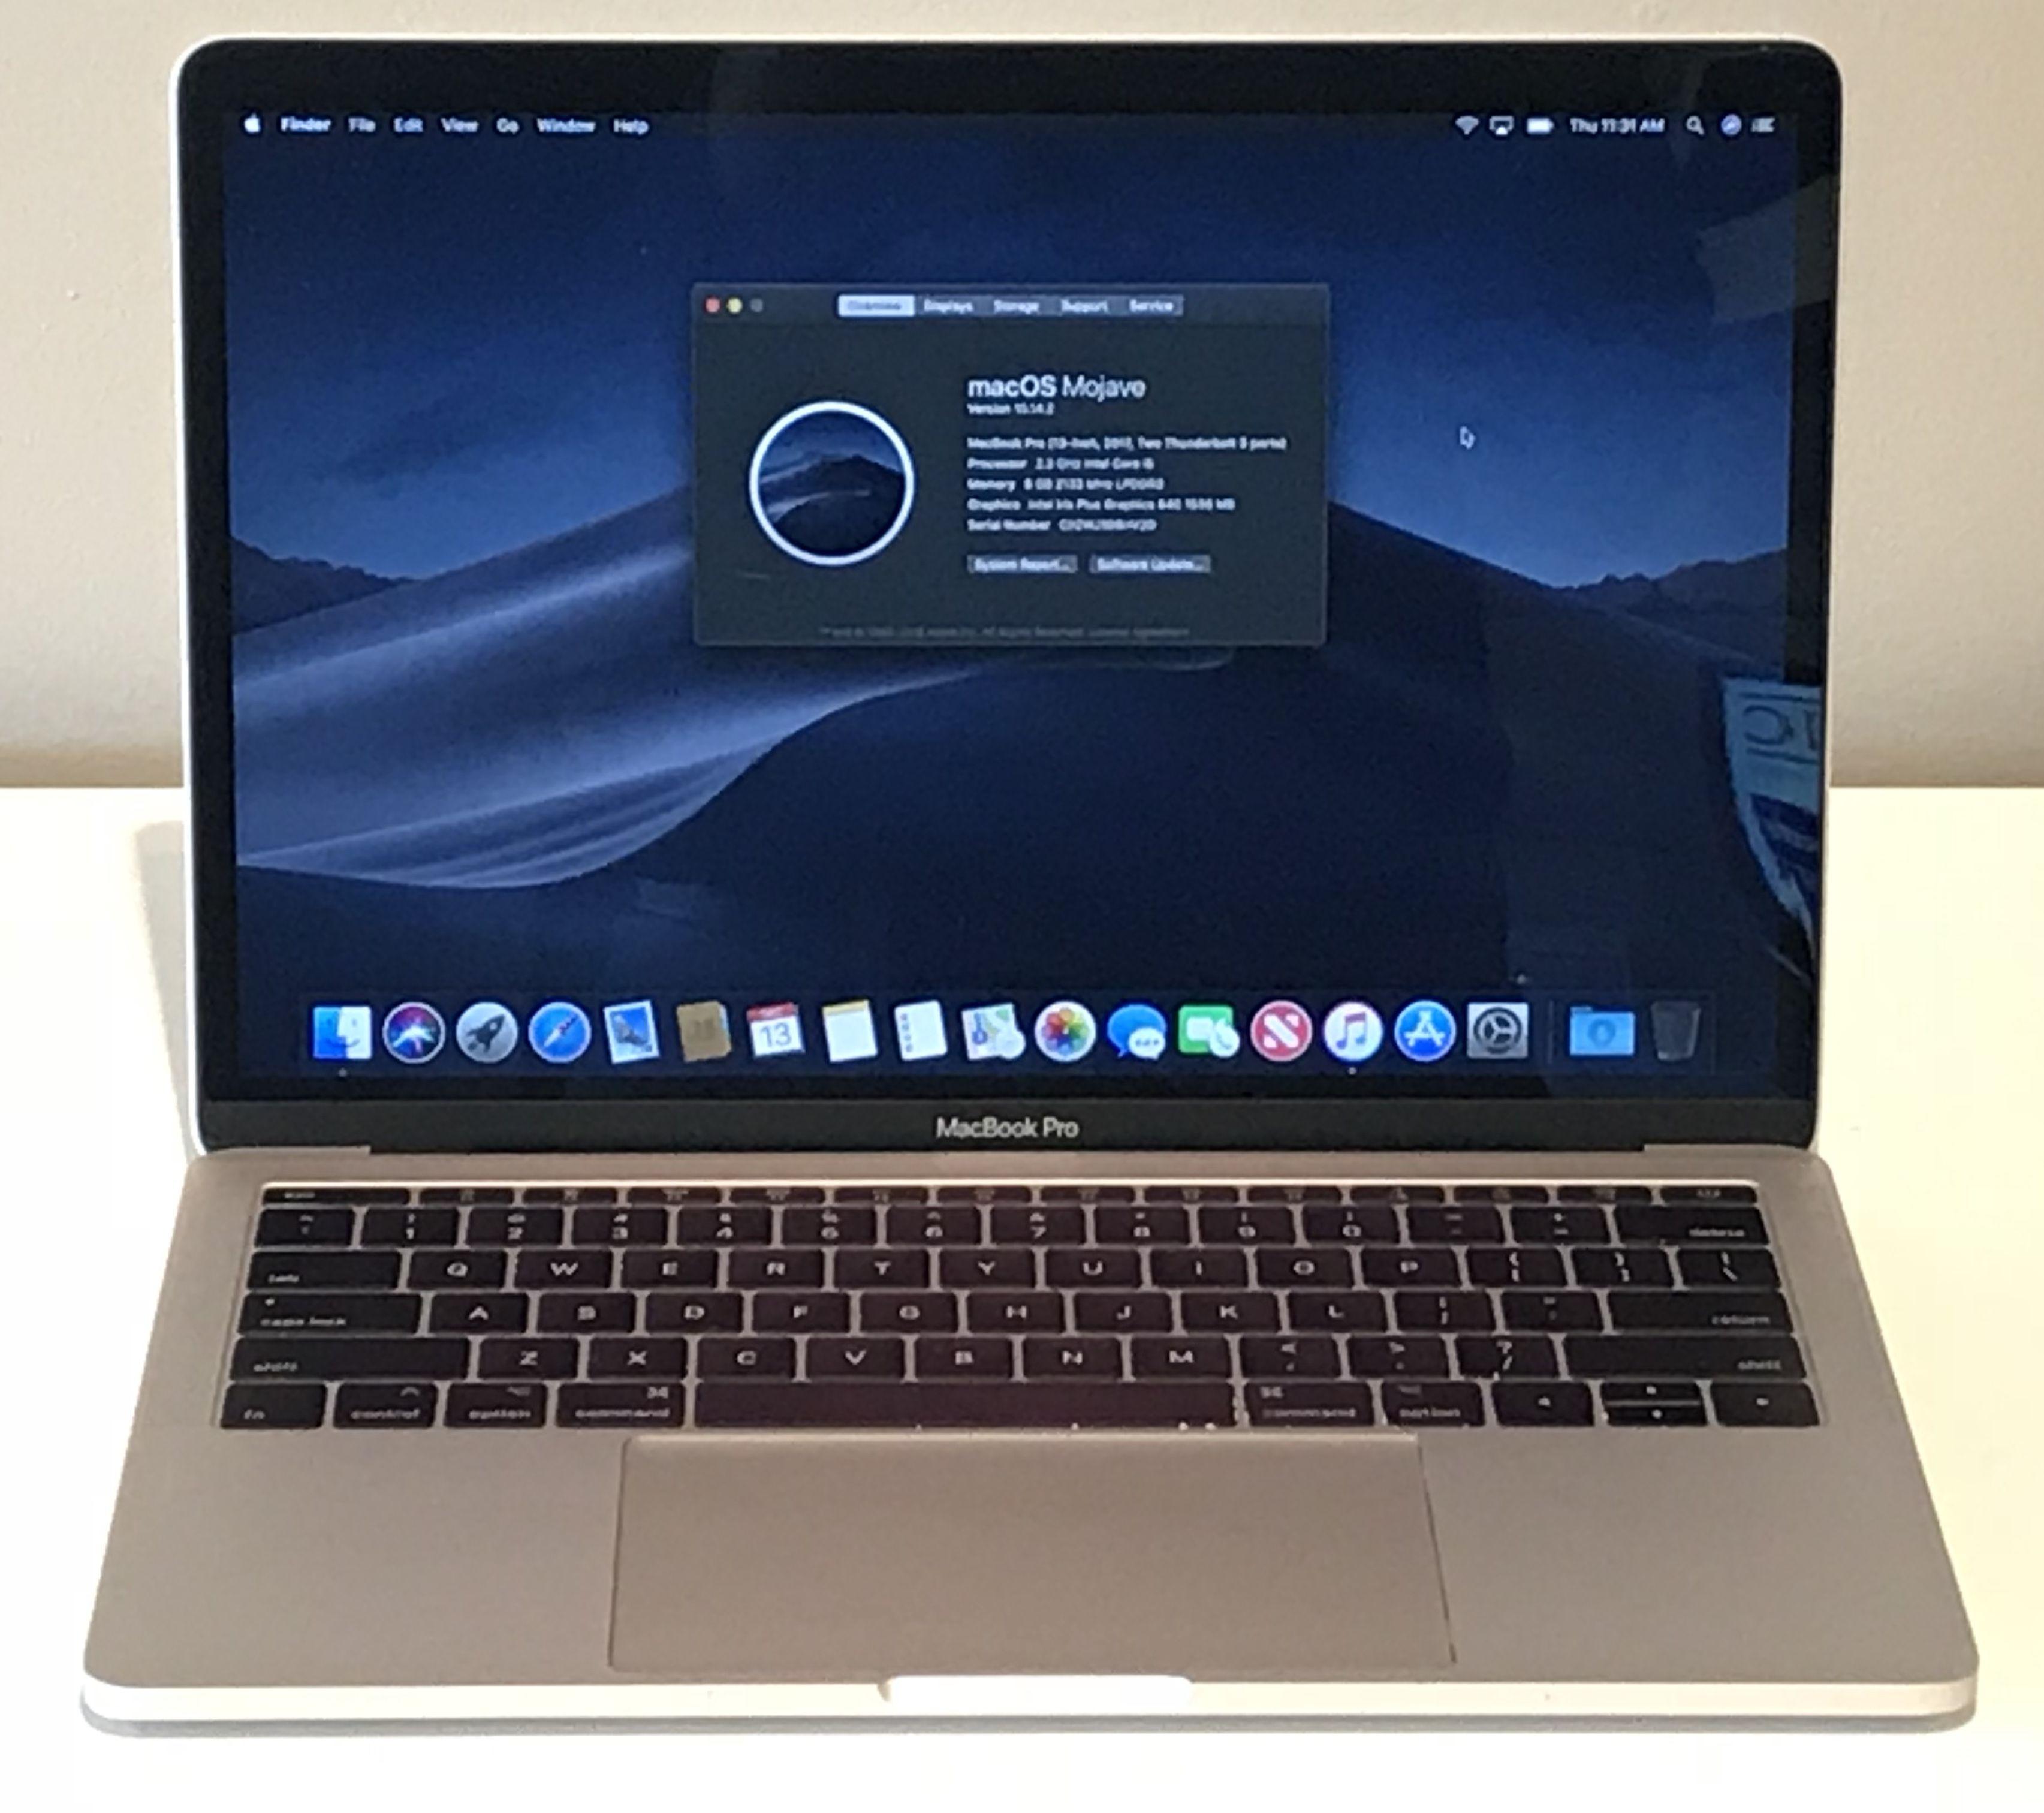 Macbook Pro 13 2017 949 99 2 3ghz 8gb R 251 Gb Ssd Macbook Pro 13 Macbook Pro Macbook